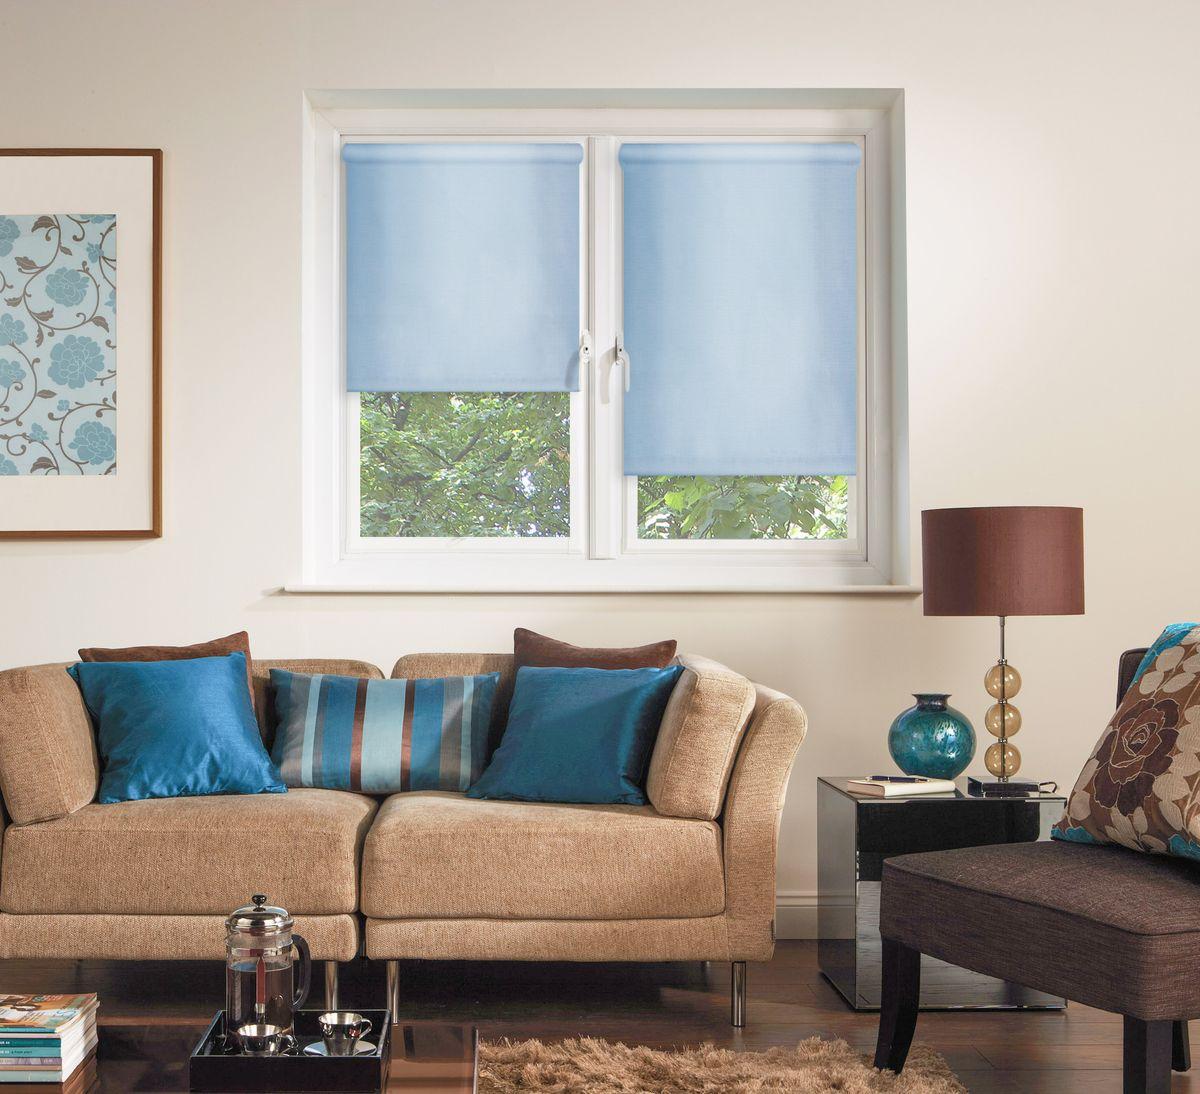 Штора рулонная Эскар Миниролло, цвет: голубой, ширина 57 см, высота 170 см31005057170Рулонная штора Эскар Миниролло выполнена из высокопрочной ткани, которая сохраняет свой размер даже при намокании. Ткань не выцветает и обладает отличной цветоустойчивостью. Миниролло - это подвид рулонных штор, который закрывает не весь оконный проем, а непосредственно само стекло. Такие шторы крепятся на раму без сверления при помощи зажимов или клейкой двухсторонней ленты (в комплекте). Окно остается на гарантии, благодаря монтажу без сверления. Такая штора станет прекрасным элементом декора окна и гармонично впишется в интерьер любого помещения.